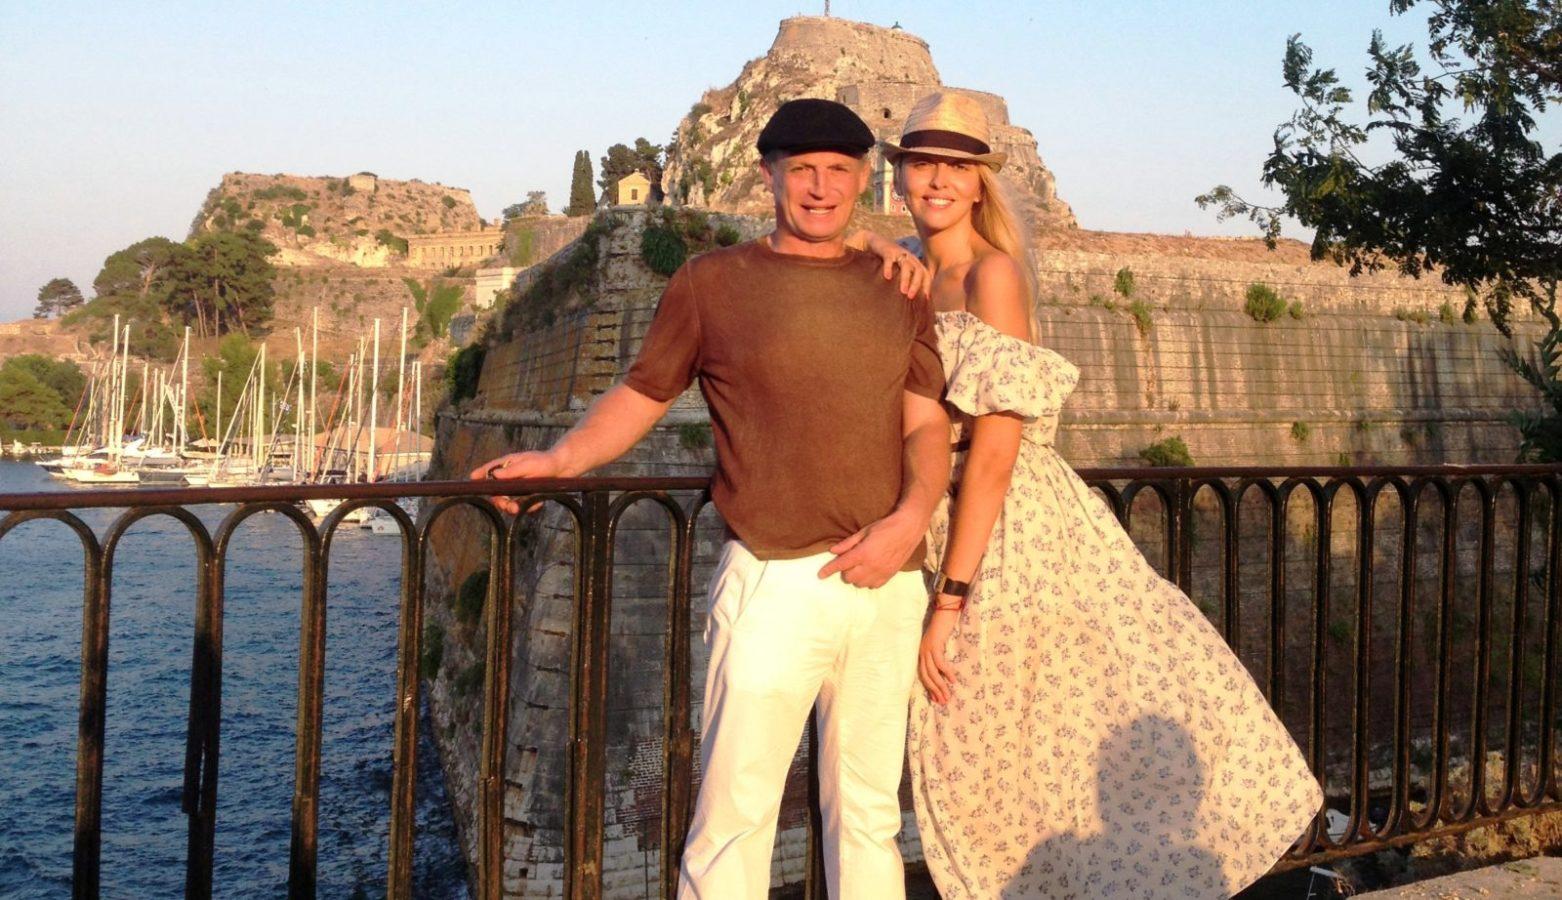 Оля Полякова раскрыла личность мужа и трогательно поздравила его с днем рождения